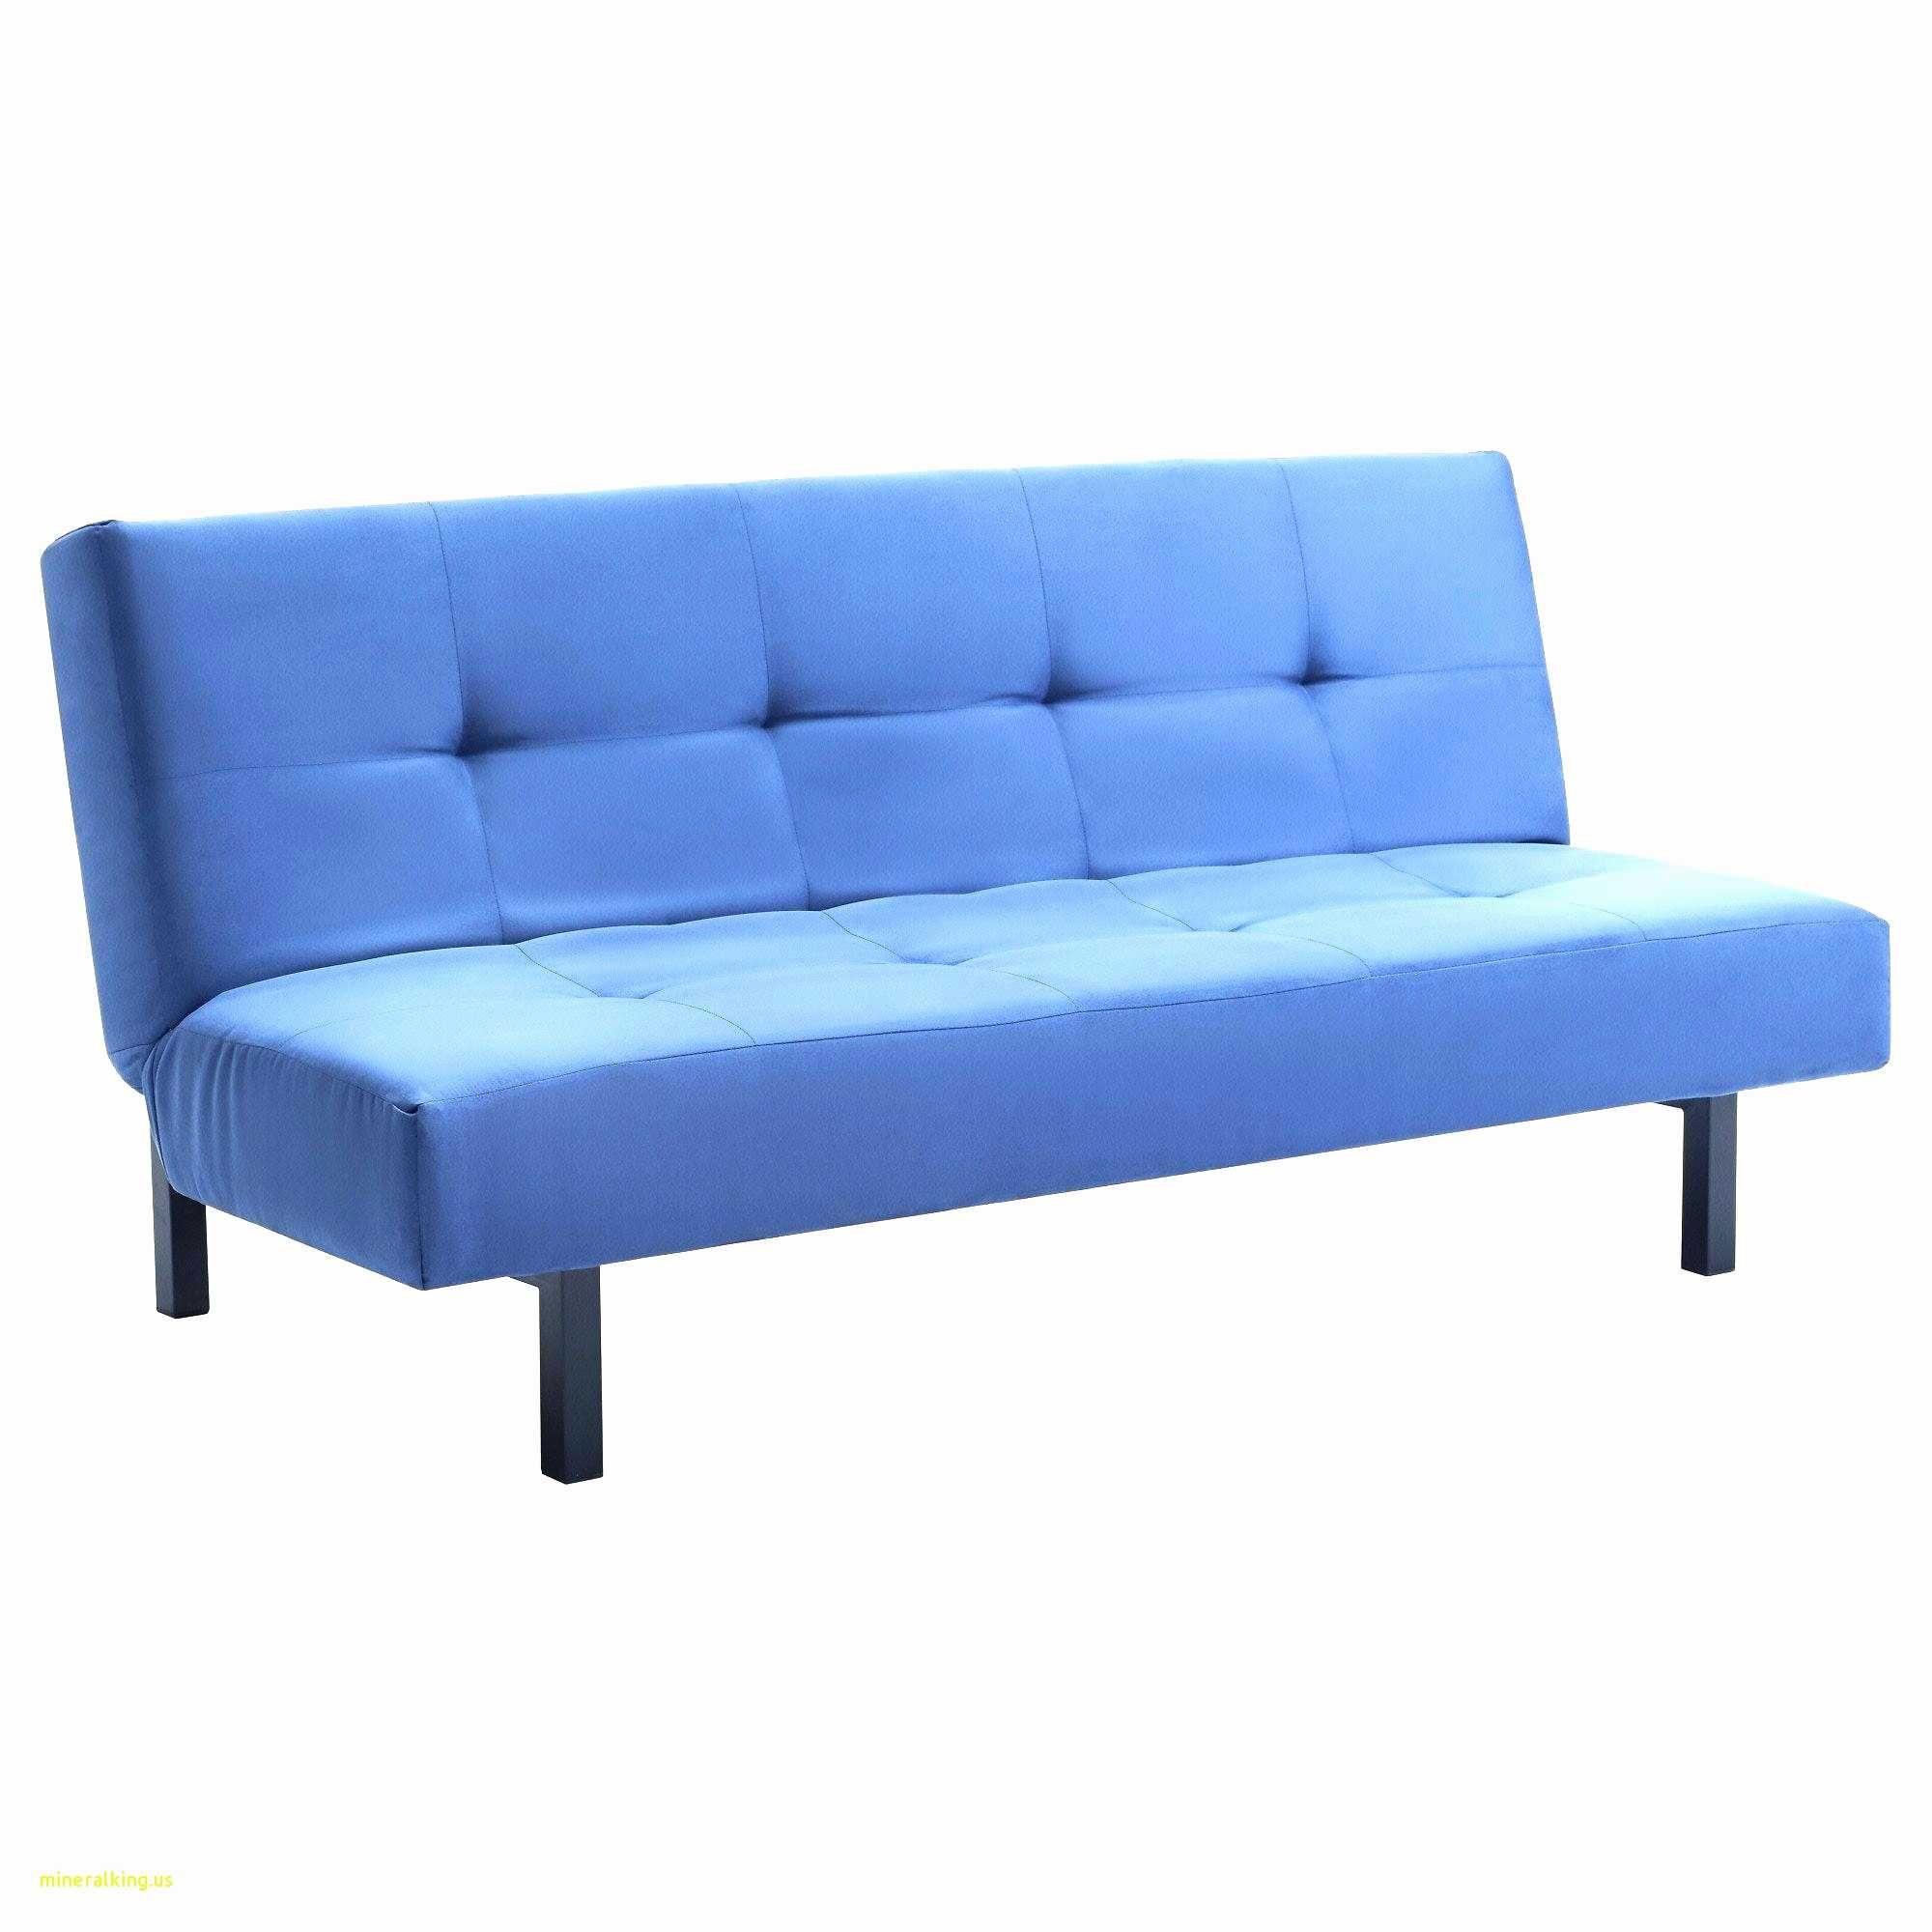 Canapé Lit Quotidien Impressionnant Gracieux Canapé Lit Quoti N Et 32 De Luxes Canapé Lit Couchage